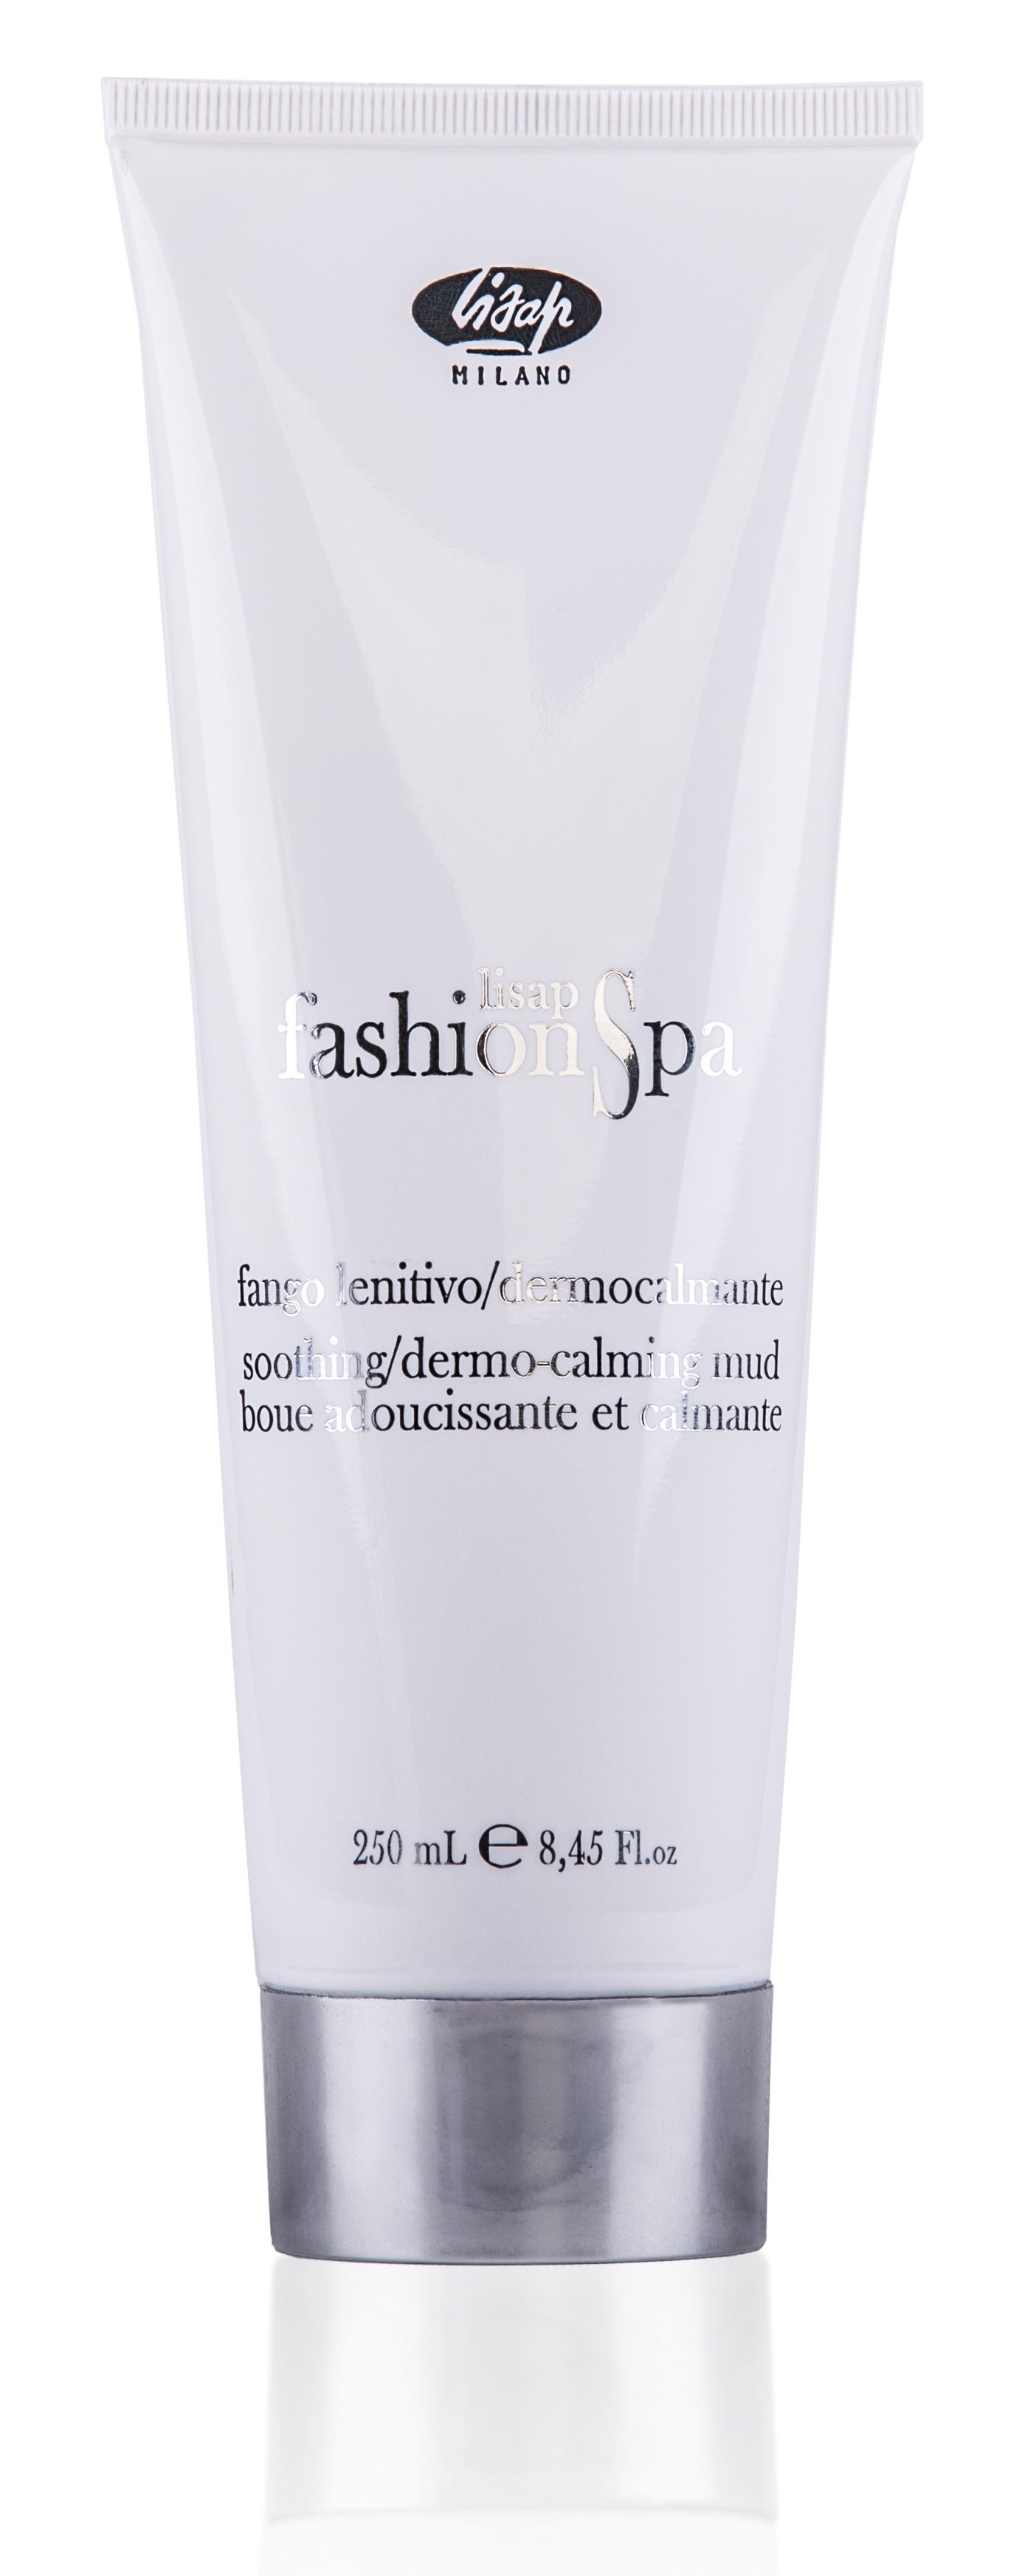 LISAP MILANO Маска грязевая смягчающая и успокаивающая для кожи головы / FASHION SPA 250мл